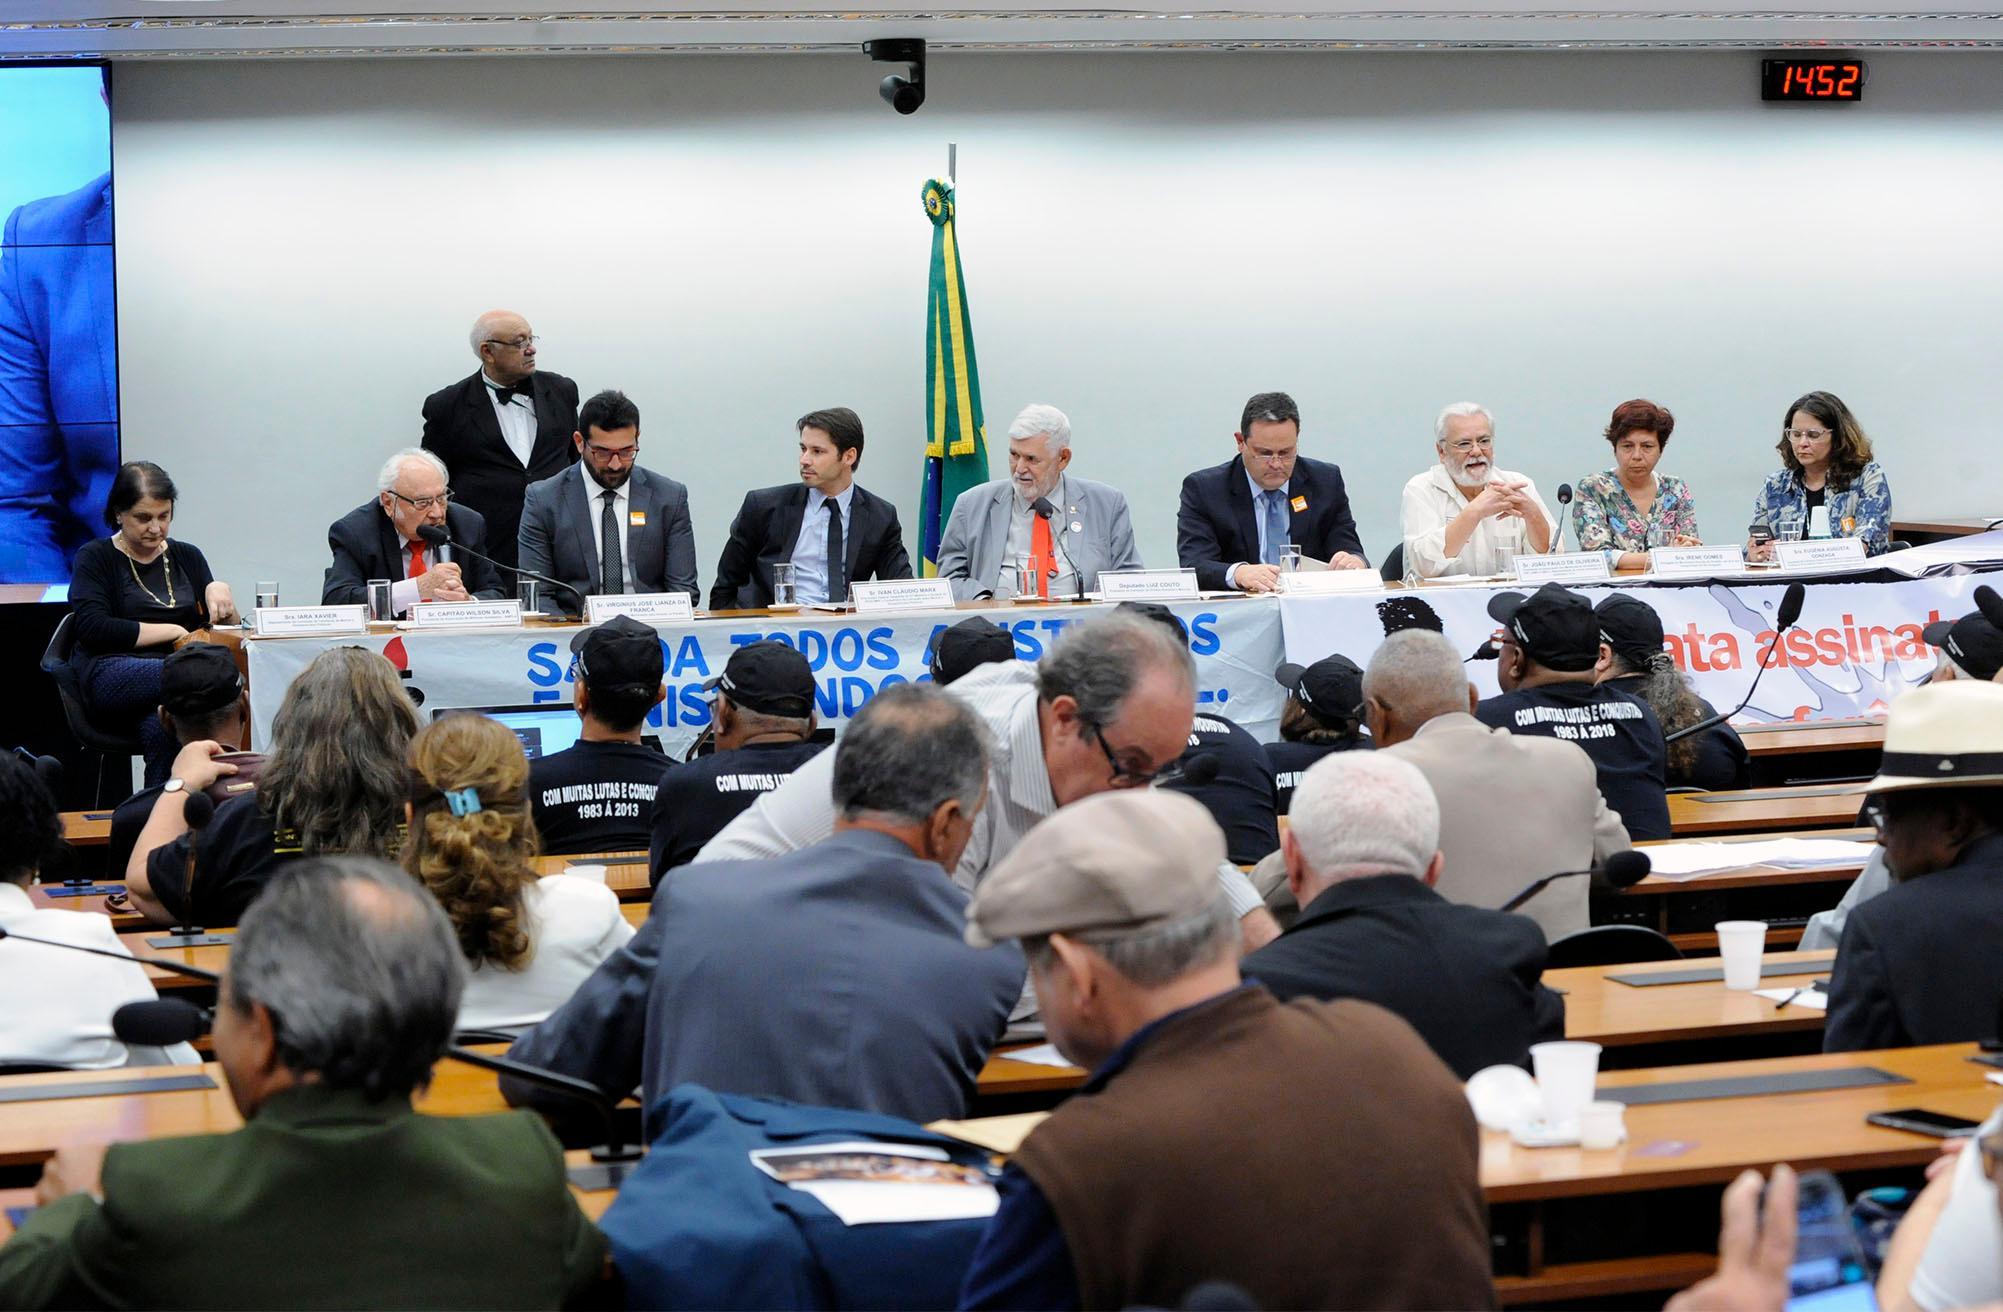 Audiência pública conjunta das comissões CDHM e SUBPMVJ sobre o 39º aniversário da anistia política e avaliação da atual situação da Comissão de Anistia